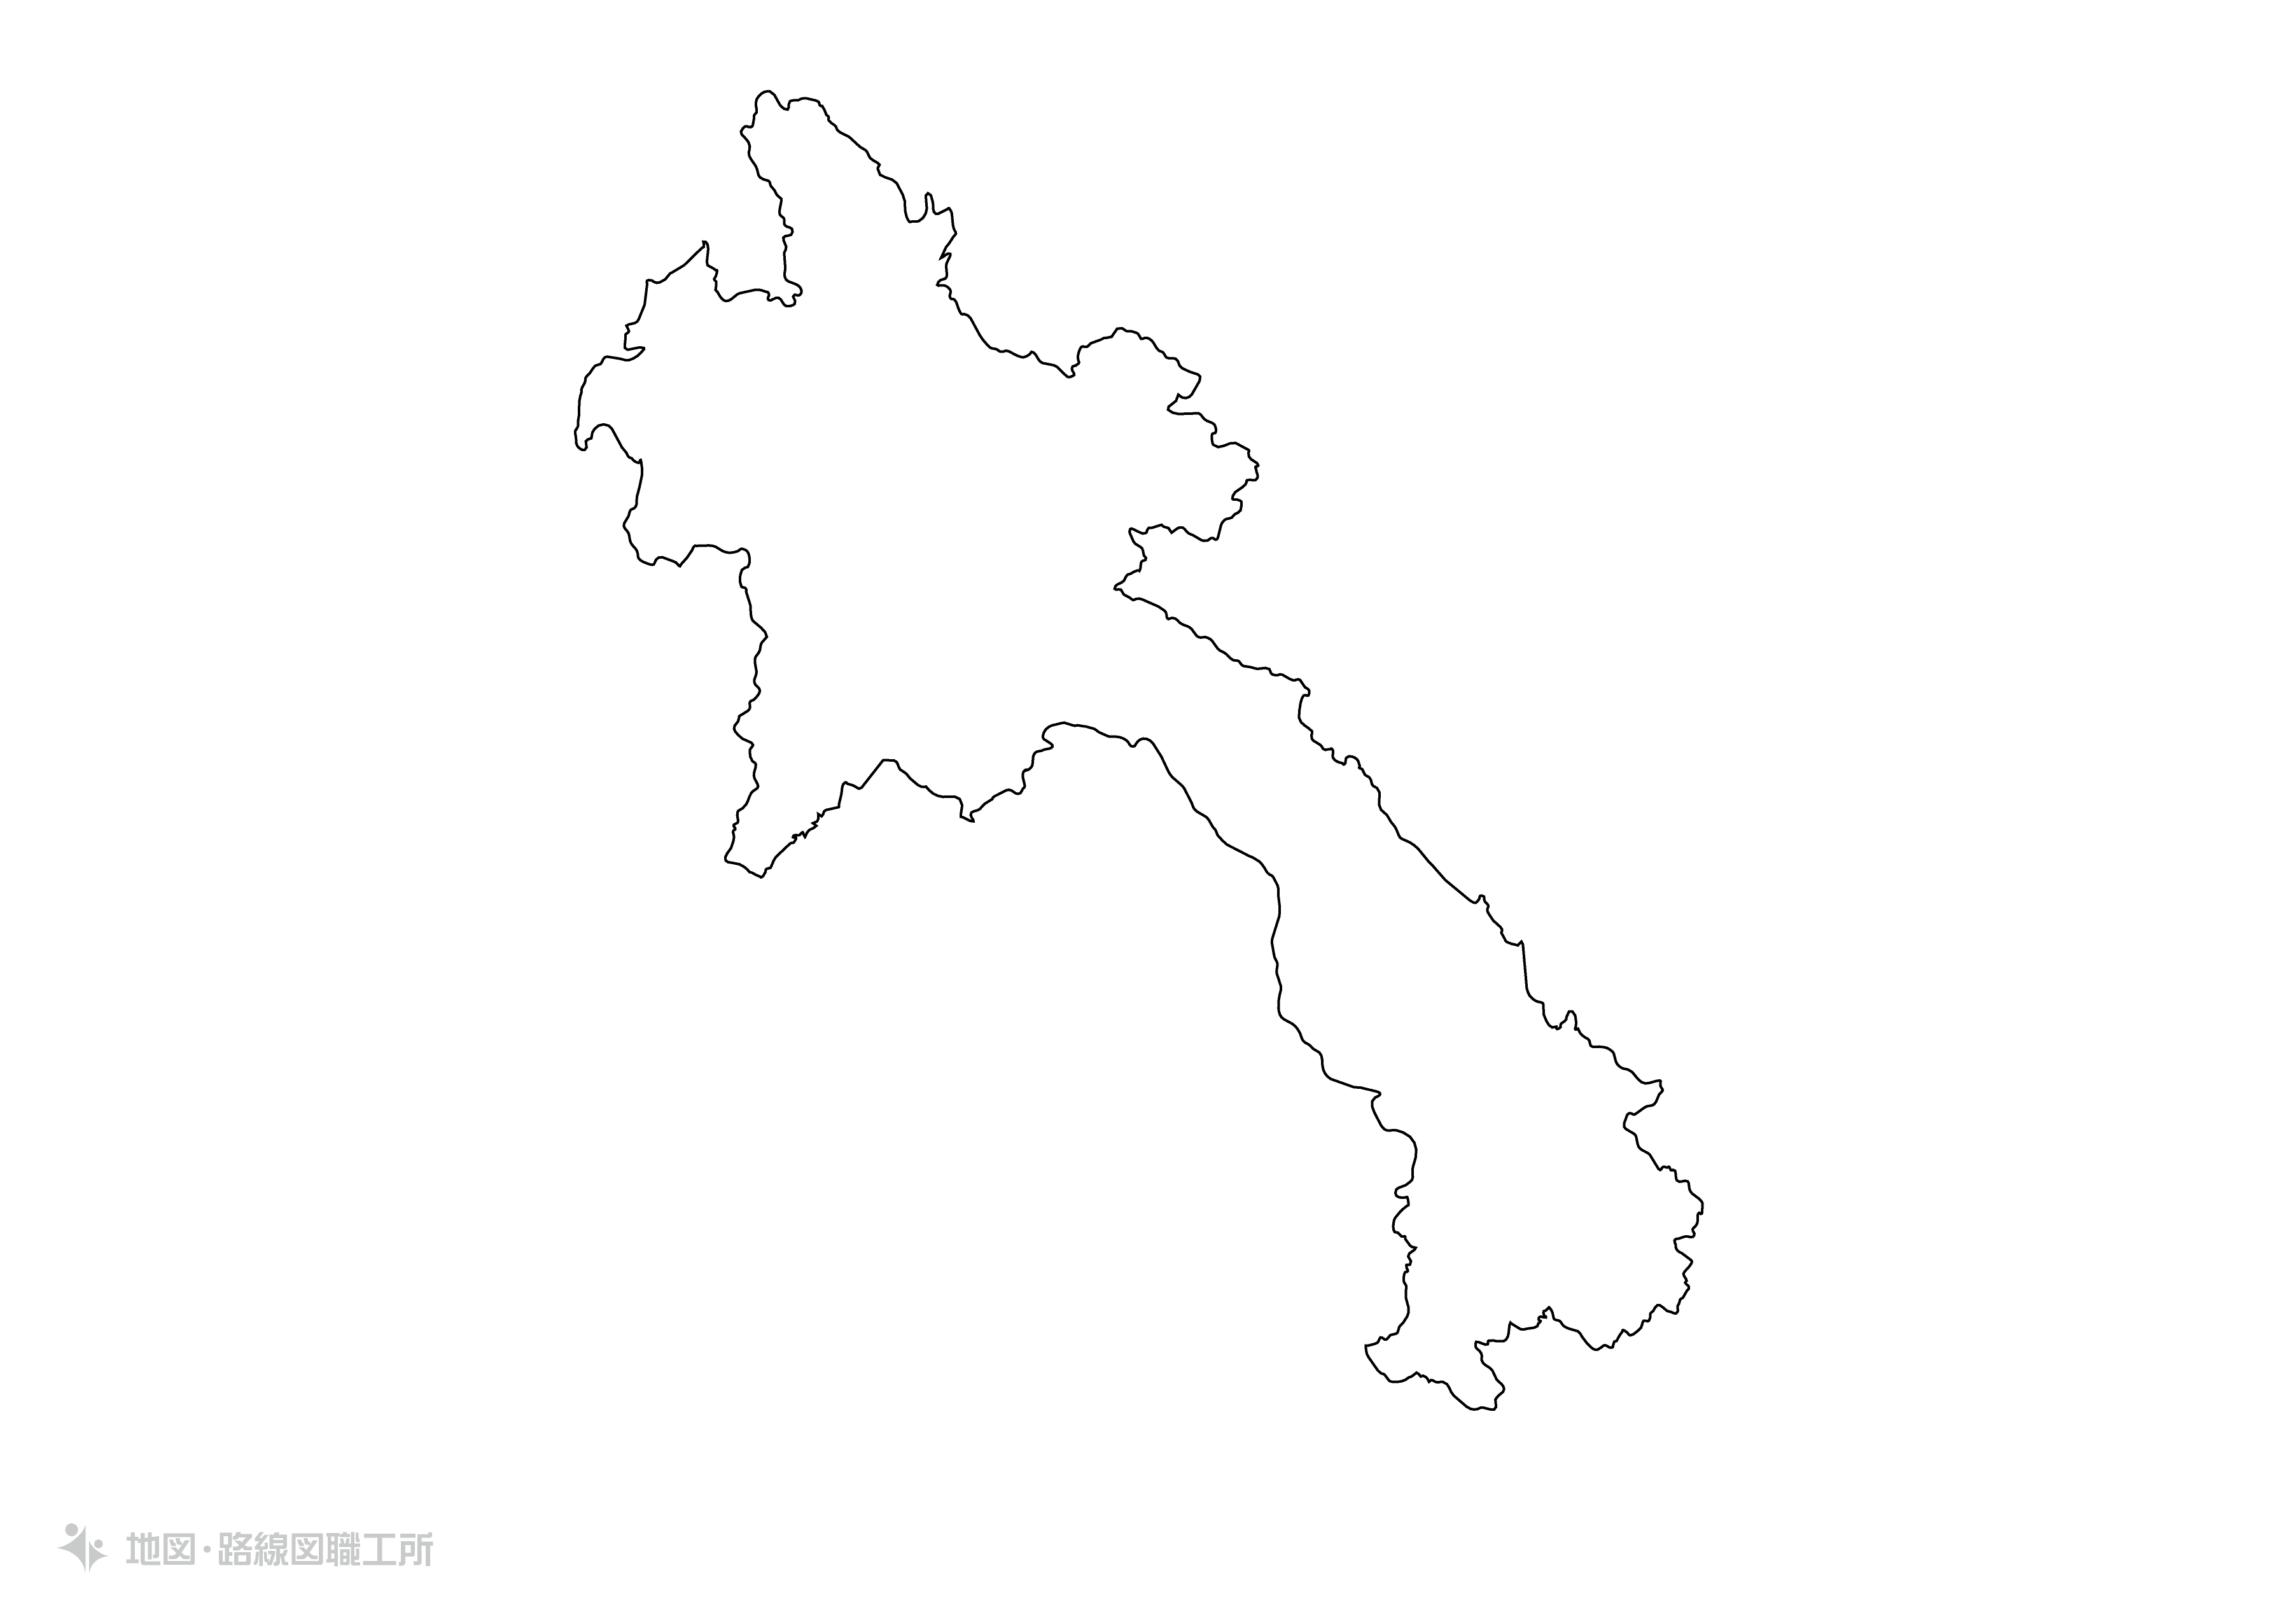 世界の白地図 ラオス人民民主共和国 lao-peoples-democratic-republic map